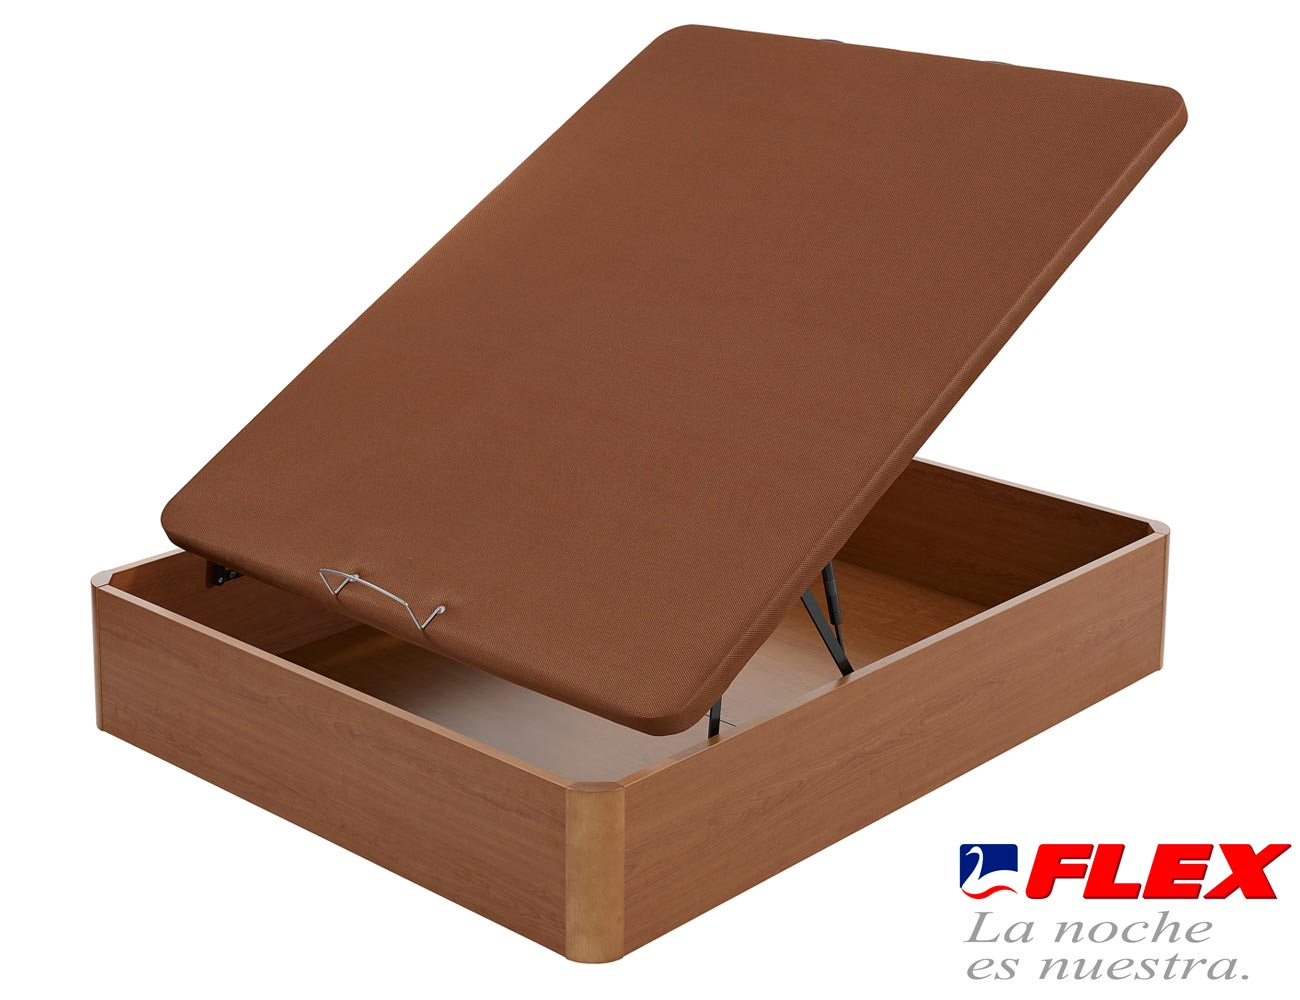 Canape flex madera abatible tapa3d 833